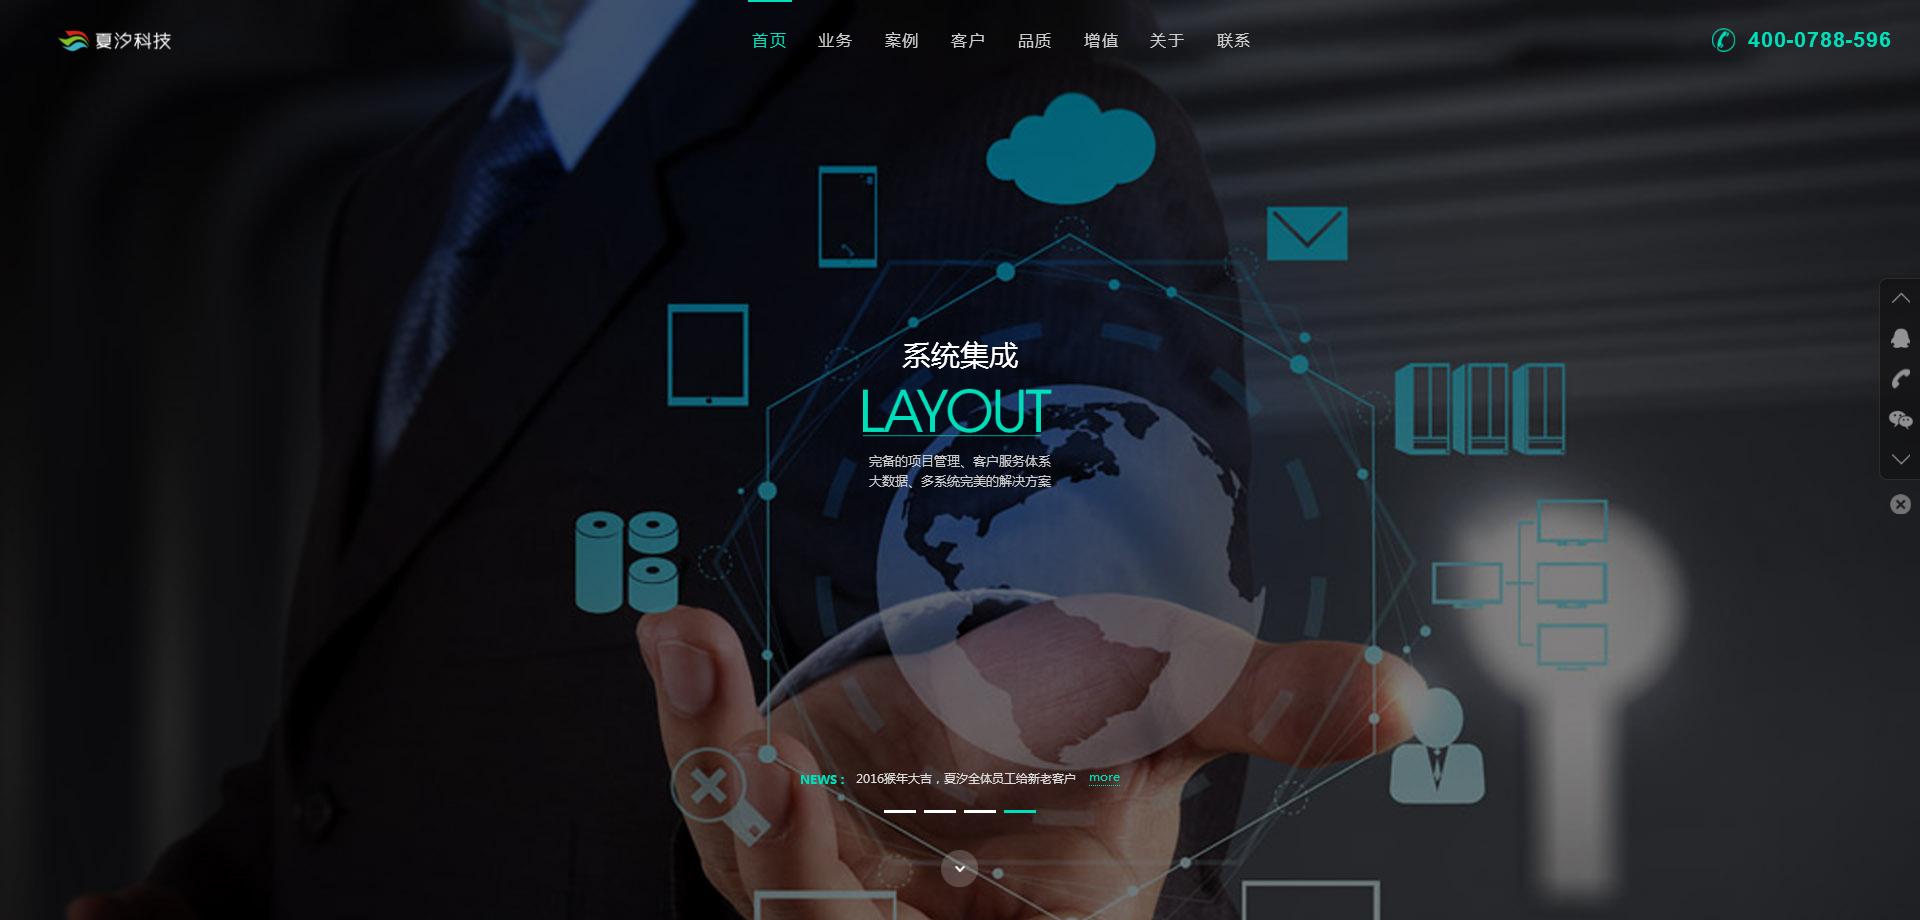 上海某科技公司官方网站